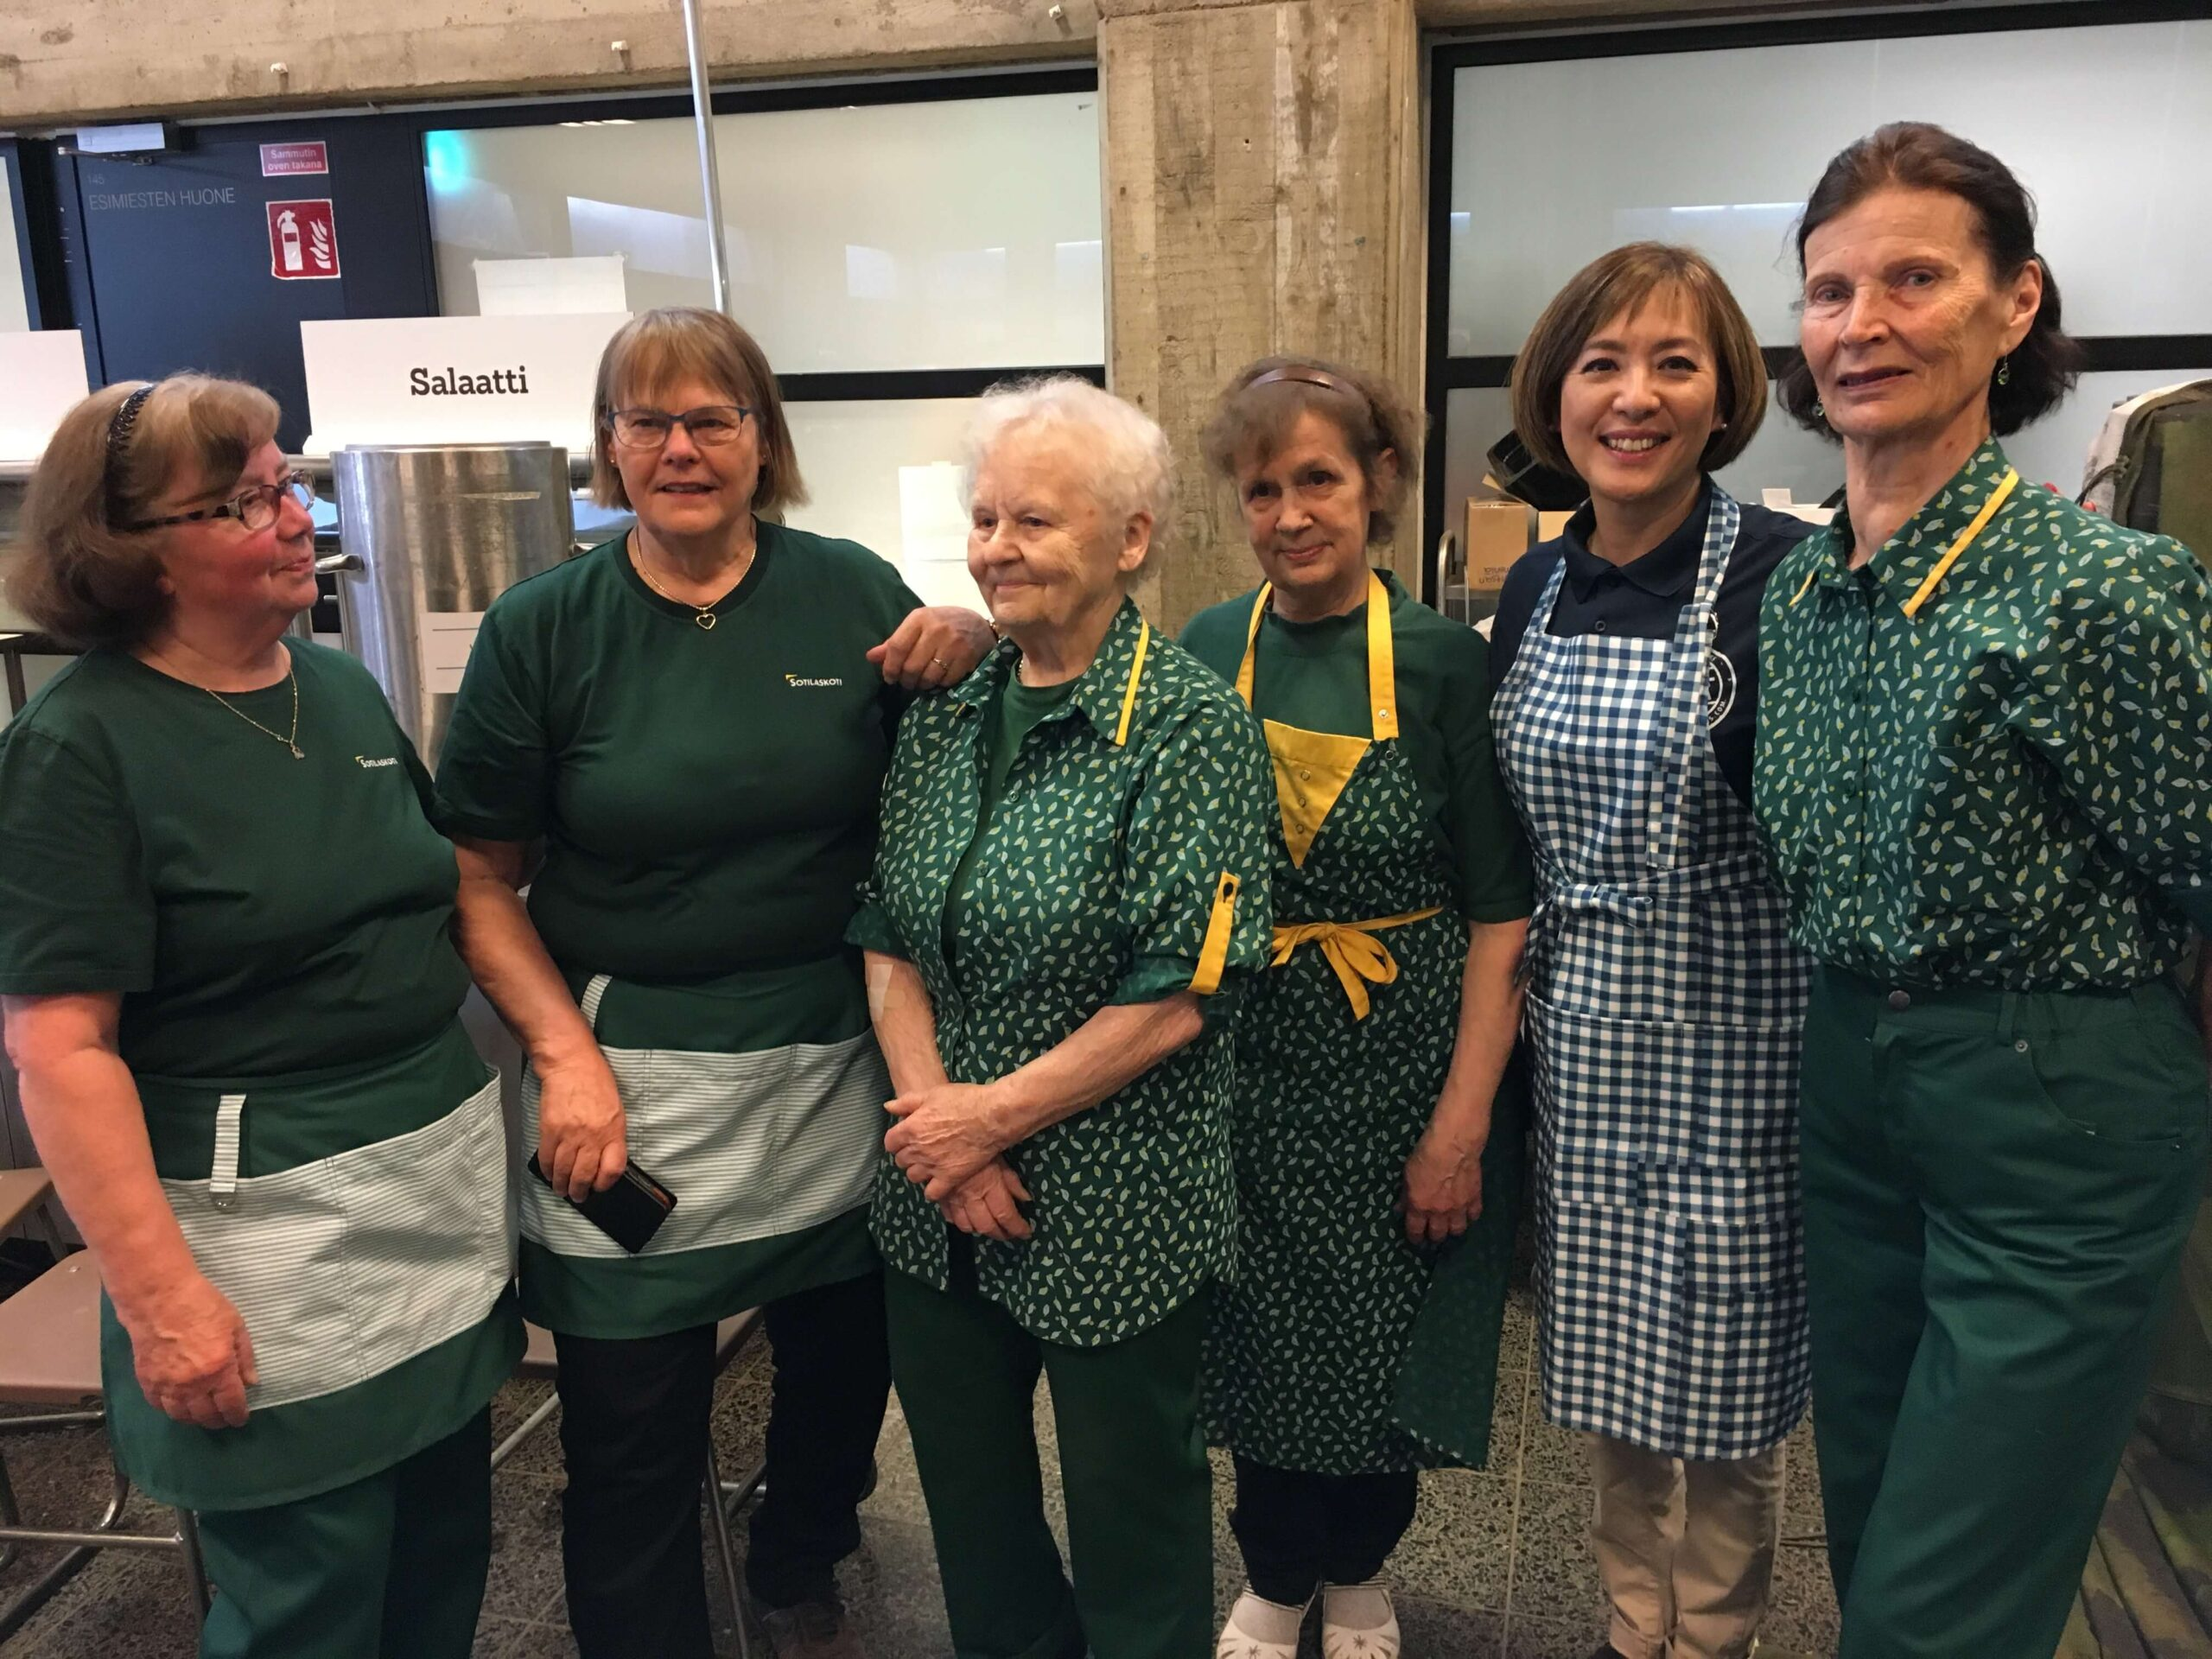 命の生き方〜4年連続幸福度世界一のフィンランド、高齢者の在り方から学ぶ〜